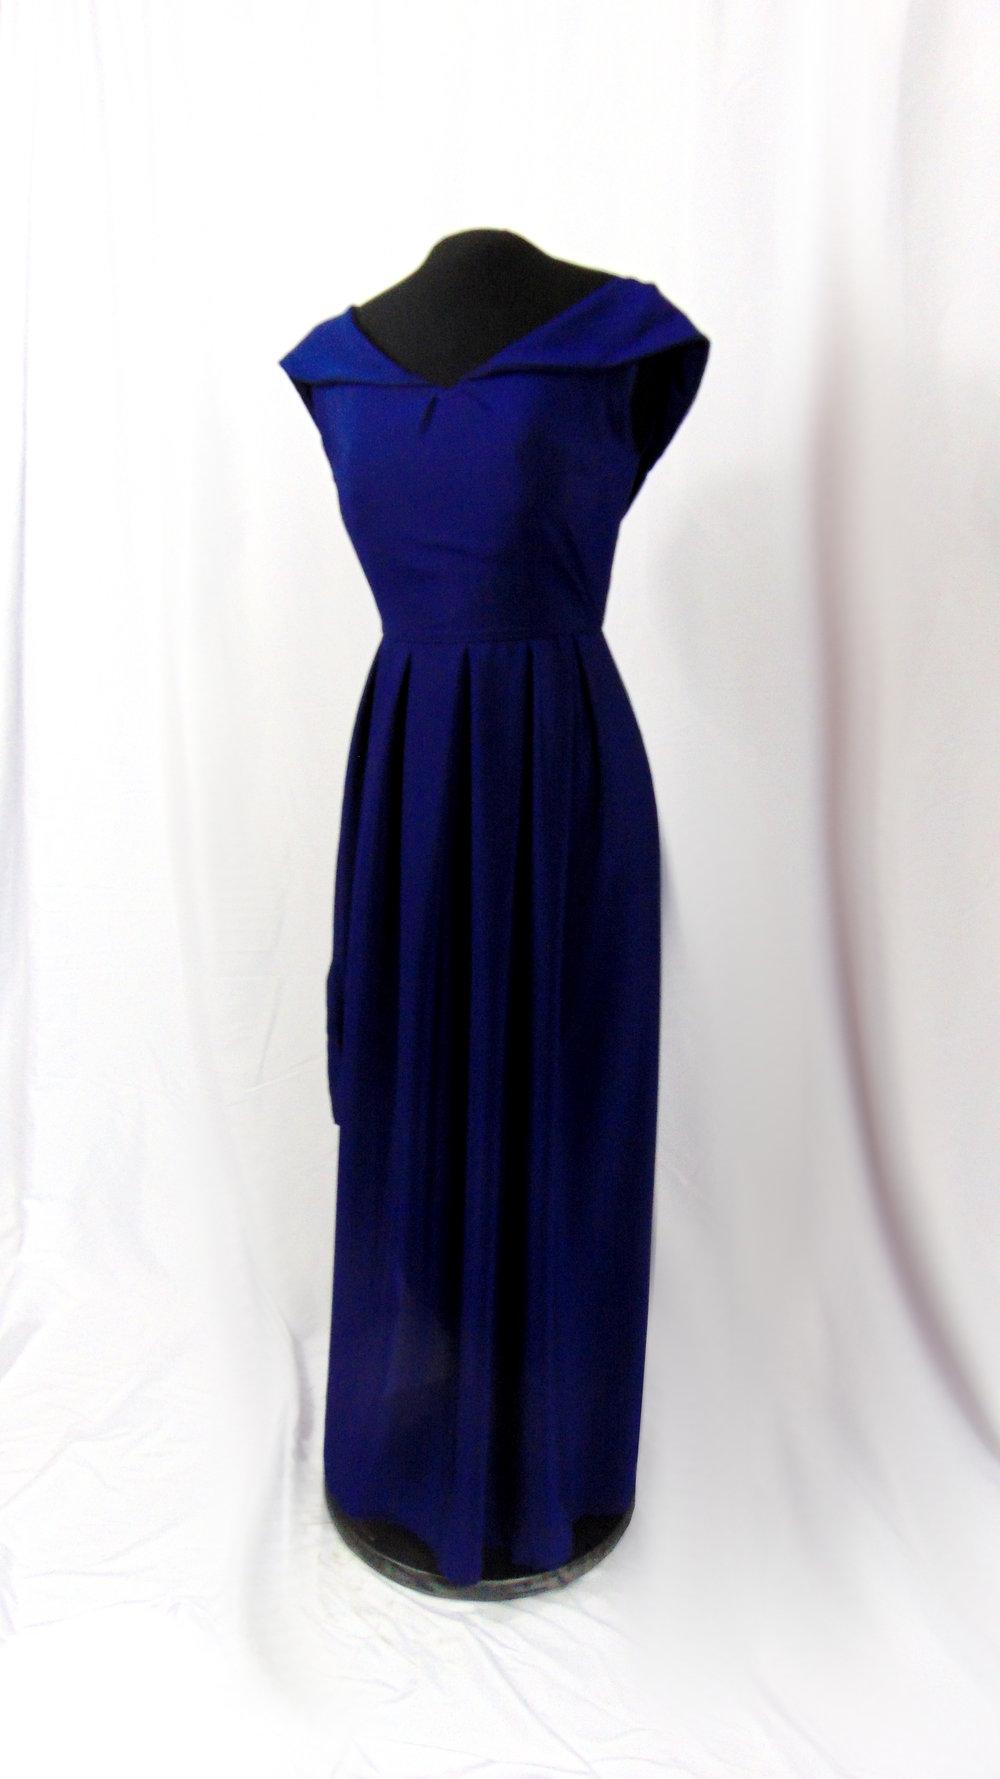 blue dress 5.JPG